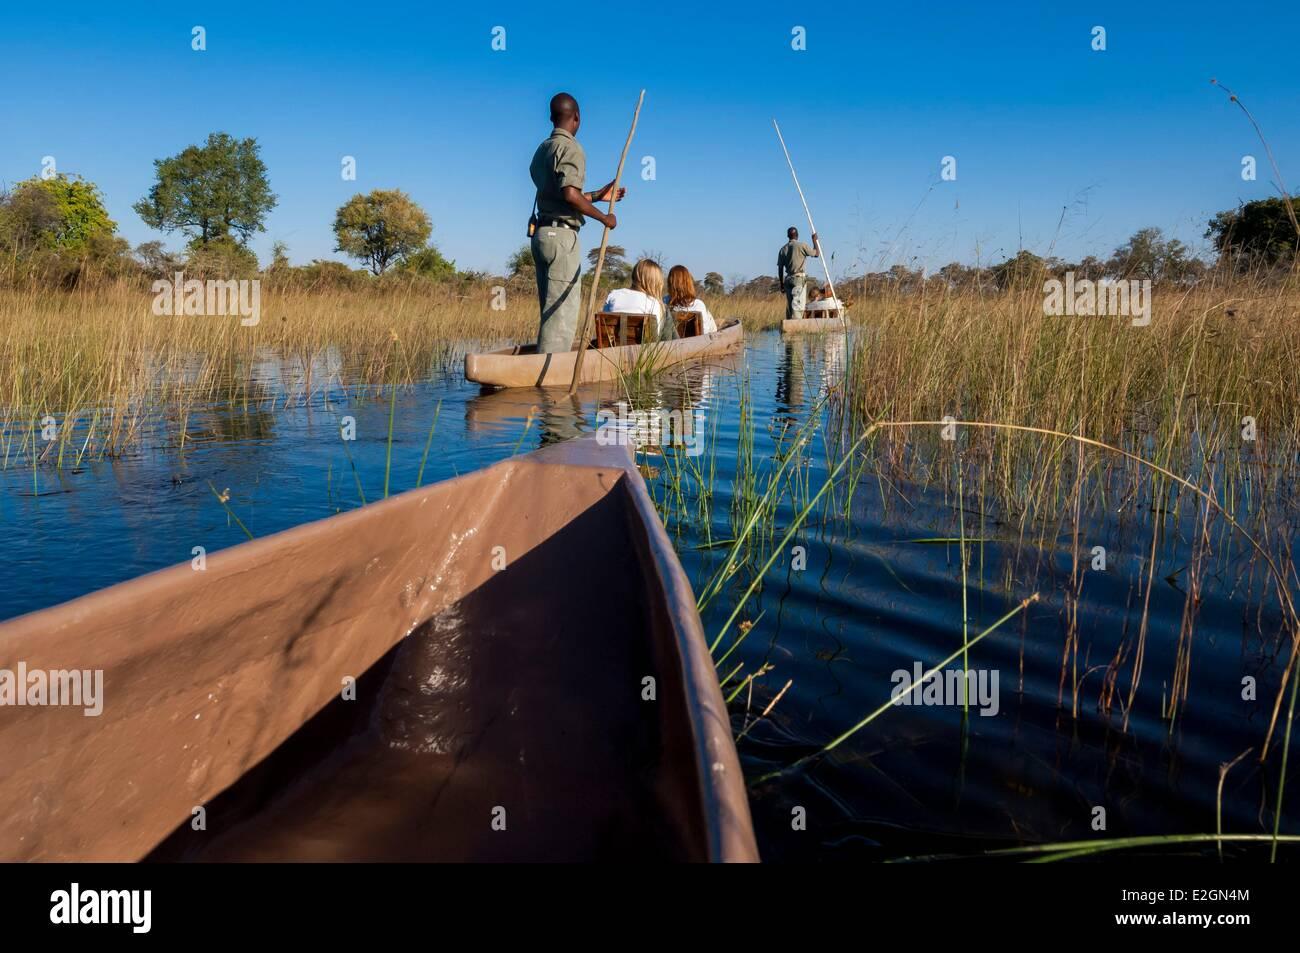 Botswana North West District Okavango Delta Abu Lodge safari - Stock Image